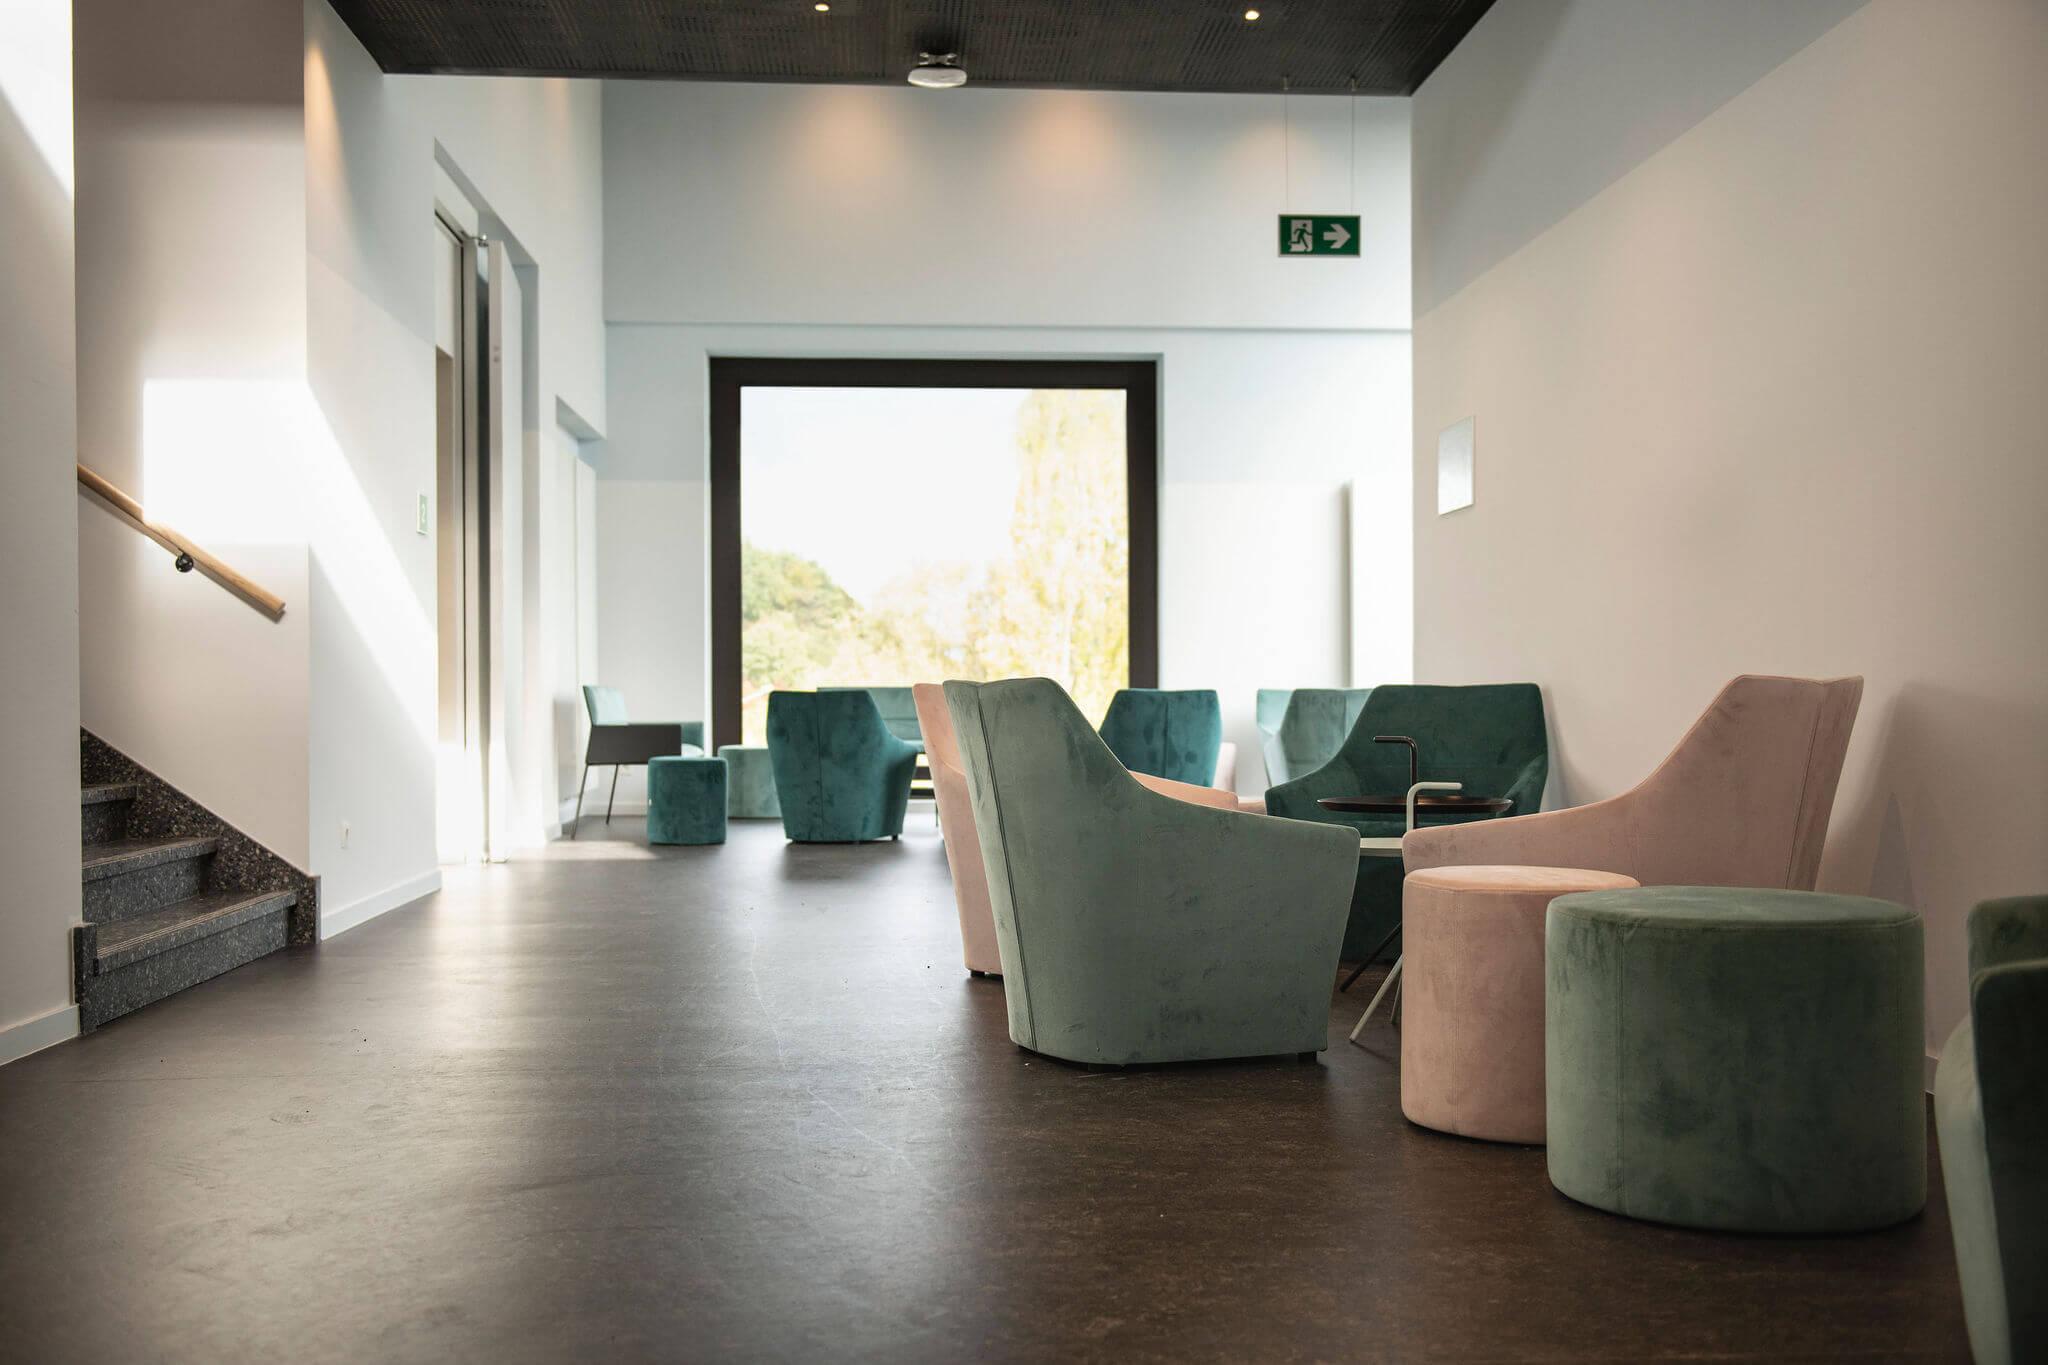 Op verschillende plaatsen doorheen het gebouw vind je Chic fauteuils terug.